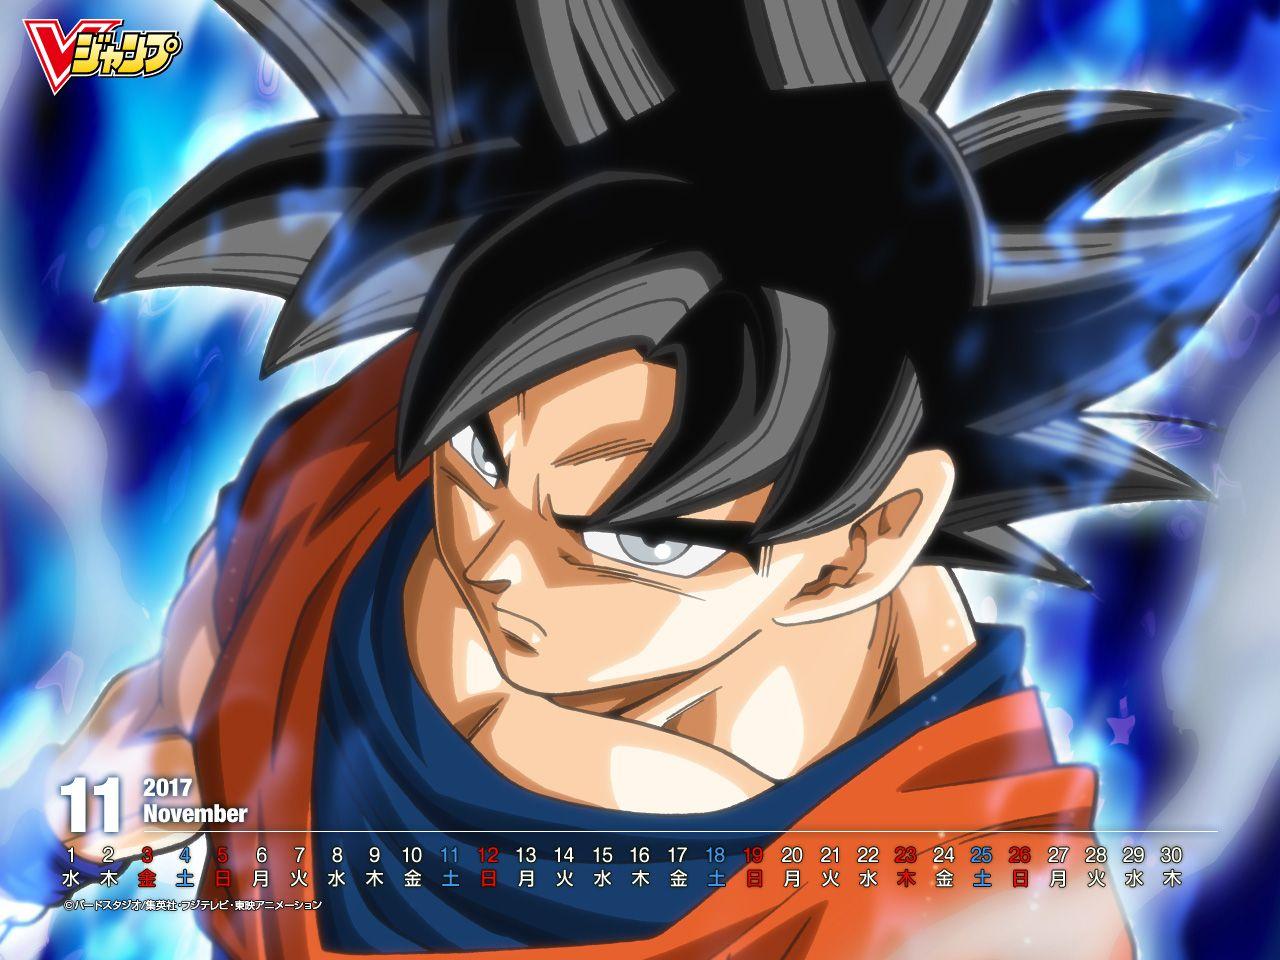 オリジナル壁紙 Vジャンプweb Dragonballsuper Dragonball Goku